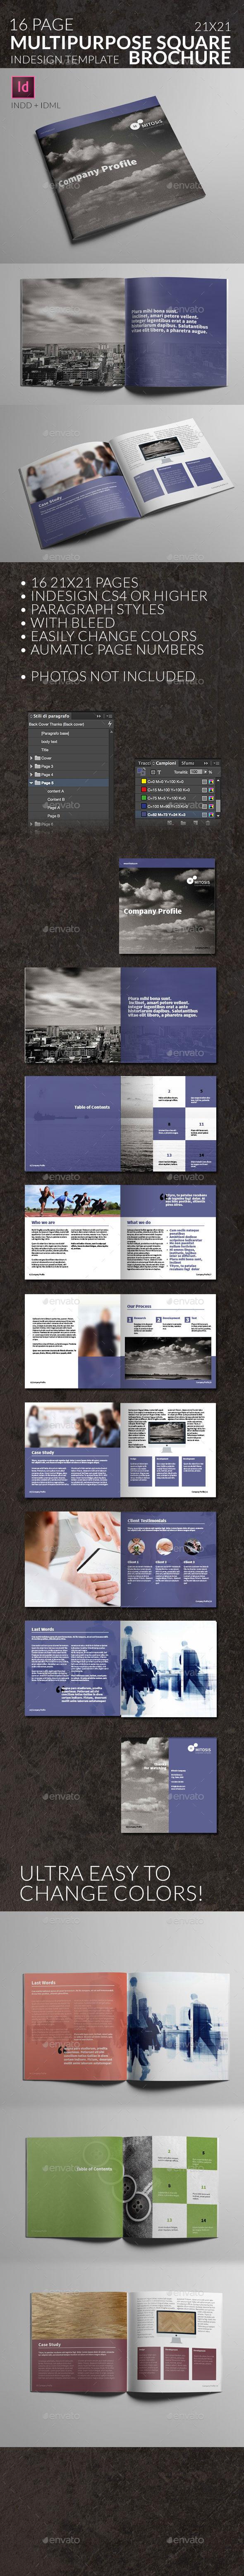 GraphicRiver Corporate Square Brochure Mitosis Multipurpose 10542116